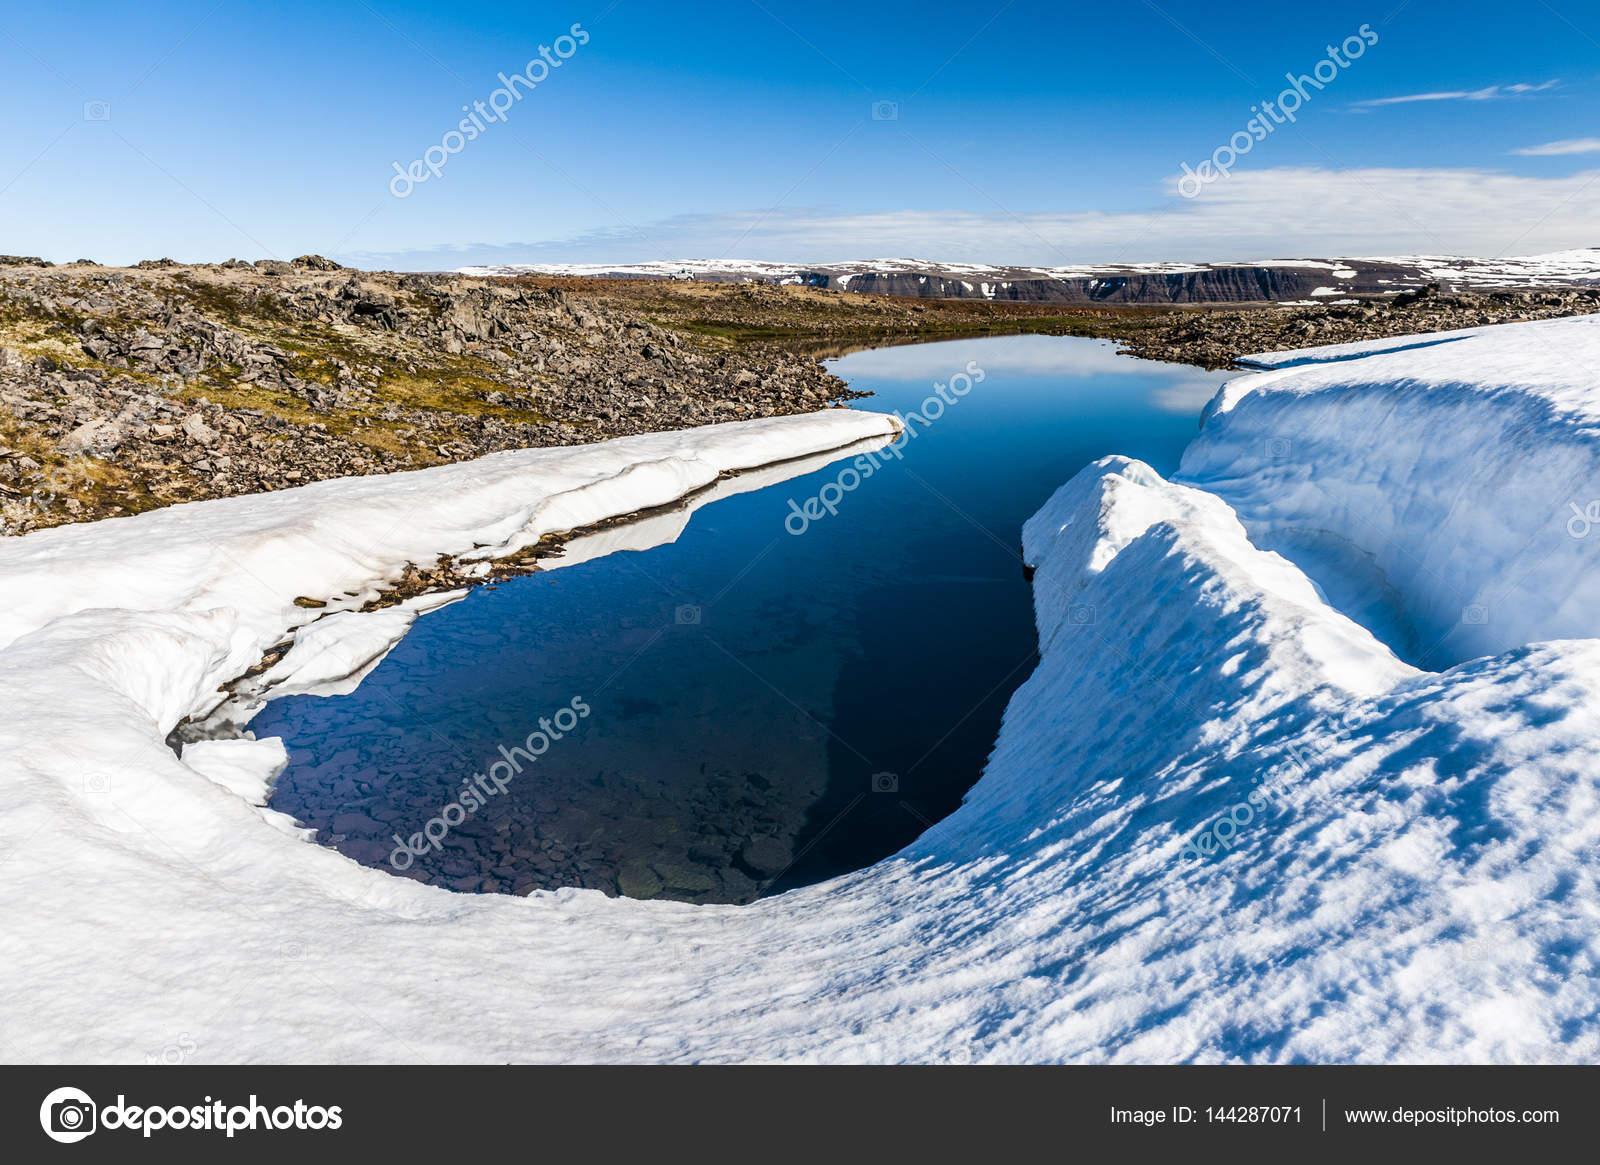 西部峡湾半岛,冰岛山区冰川池– 图库图片